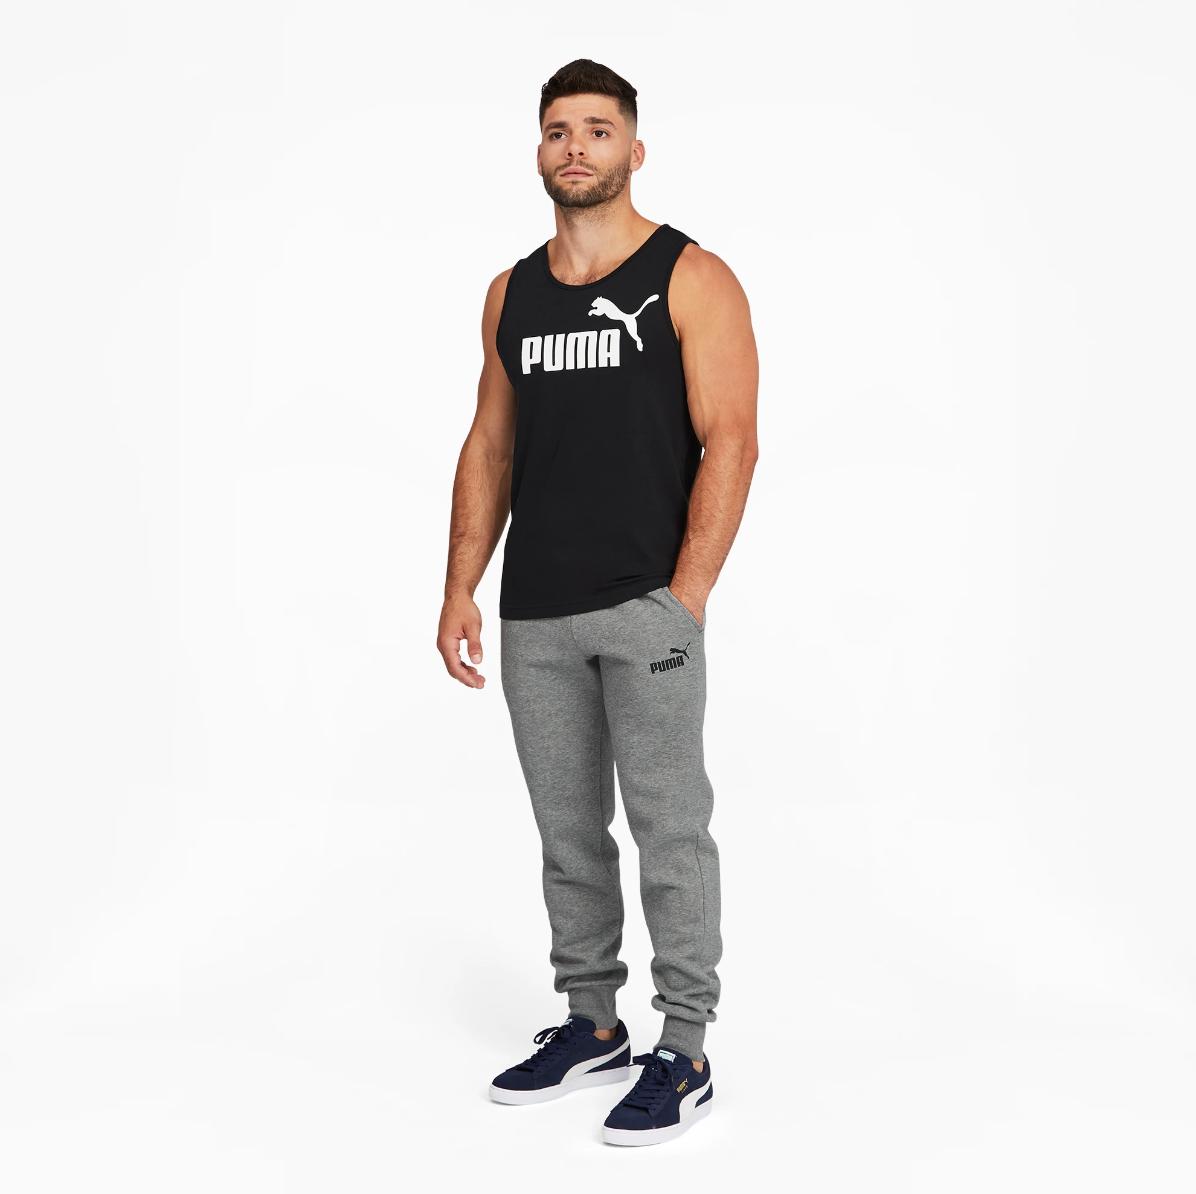 Брюки спортивные теплые (штаны) Puma Essentials Logo Original (Grey 586275_03) S, M, L